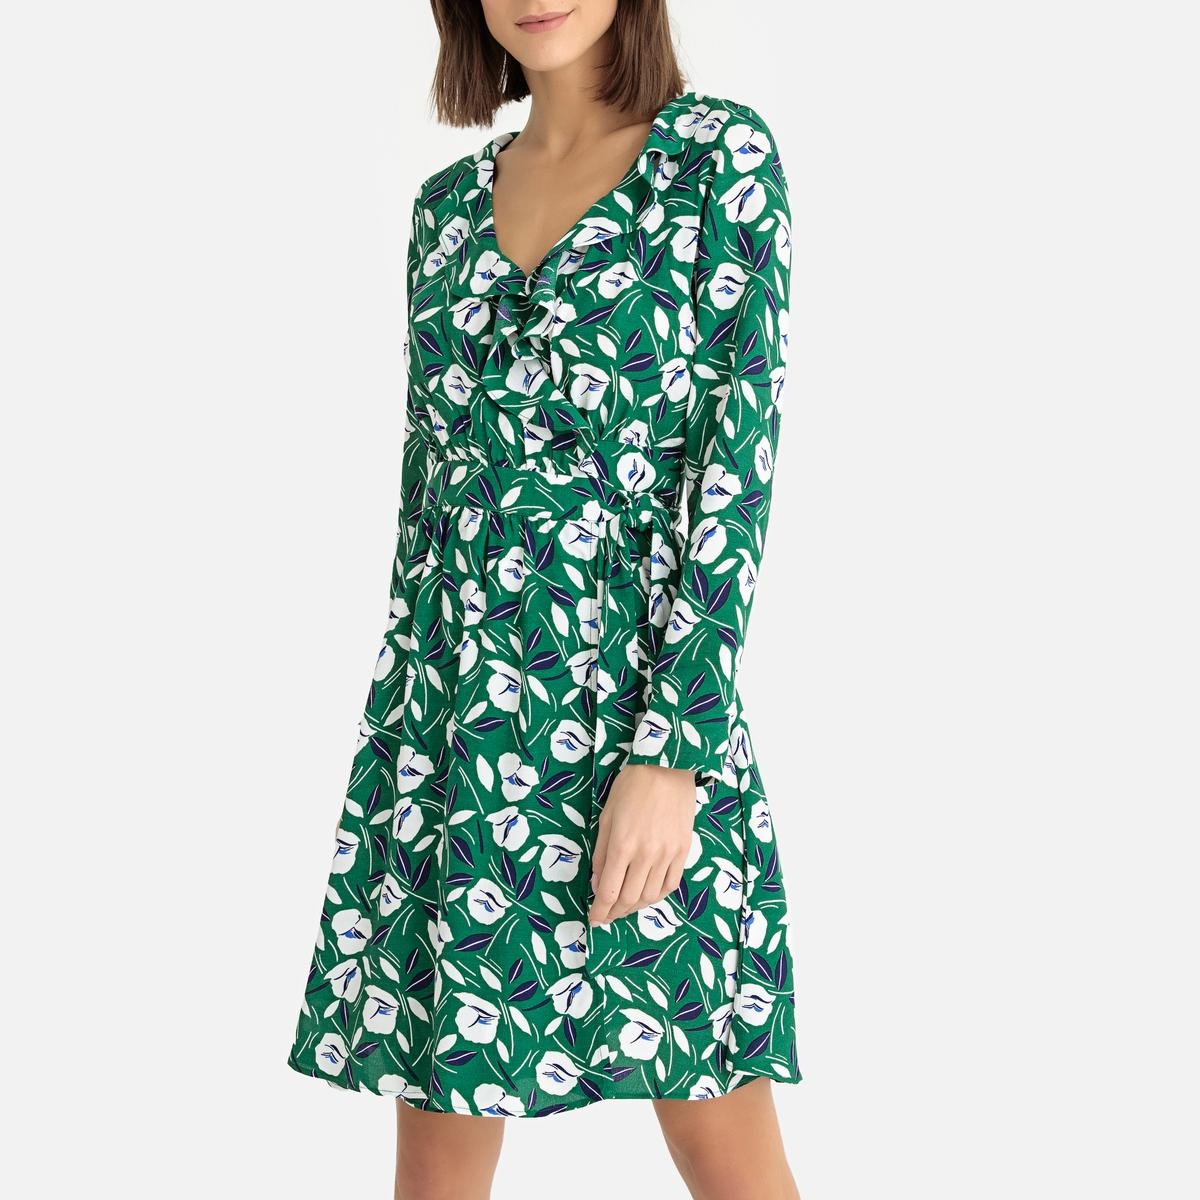 Платье La Redoute С запахом с рисунком LALY MINI CROCUS L зеленый платье длинное с запахом с рисунком coming